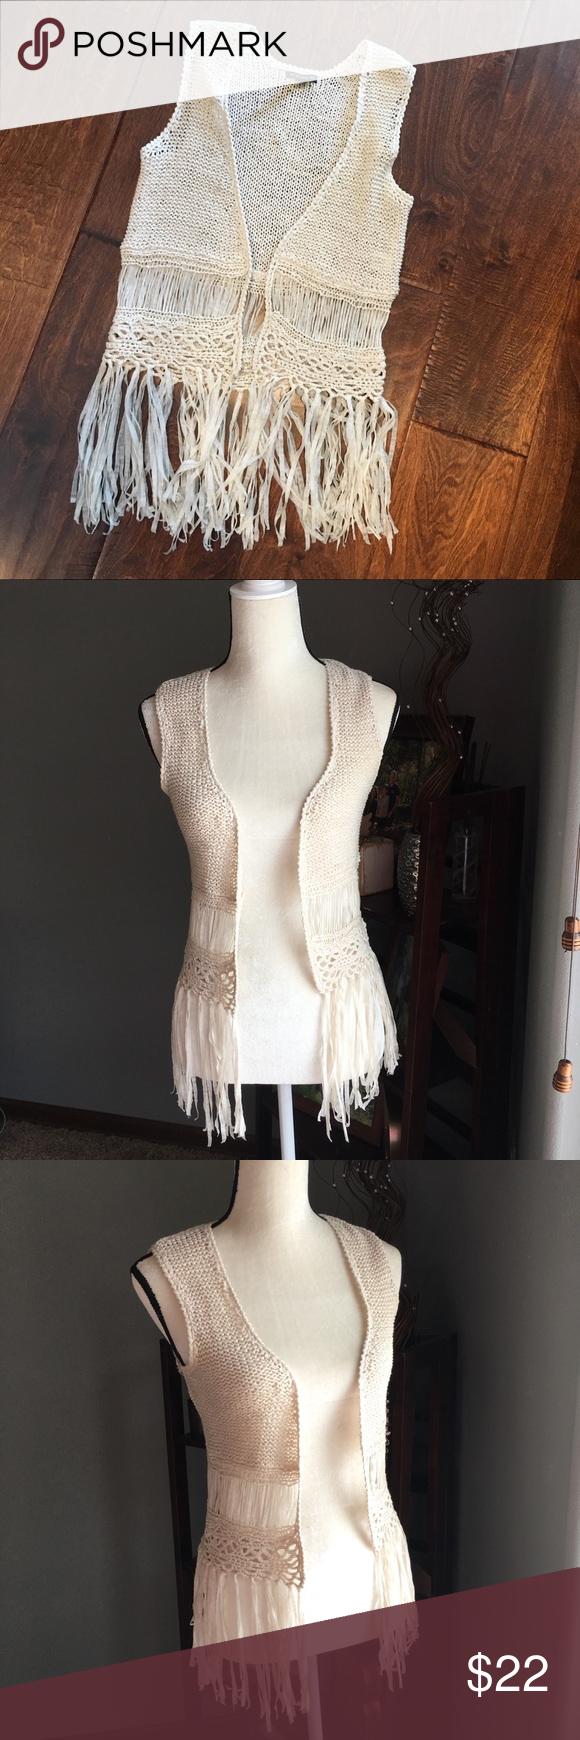 host pick boho style crochet fringe vest crochet fringe